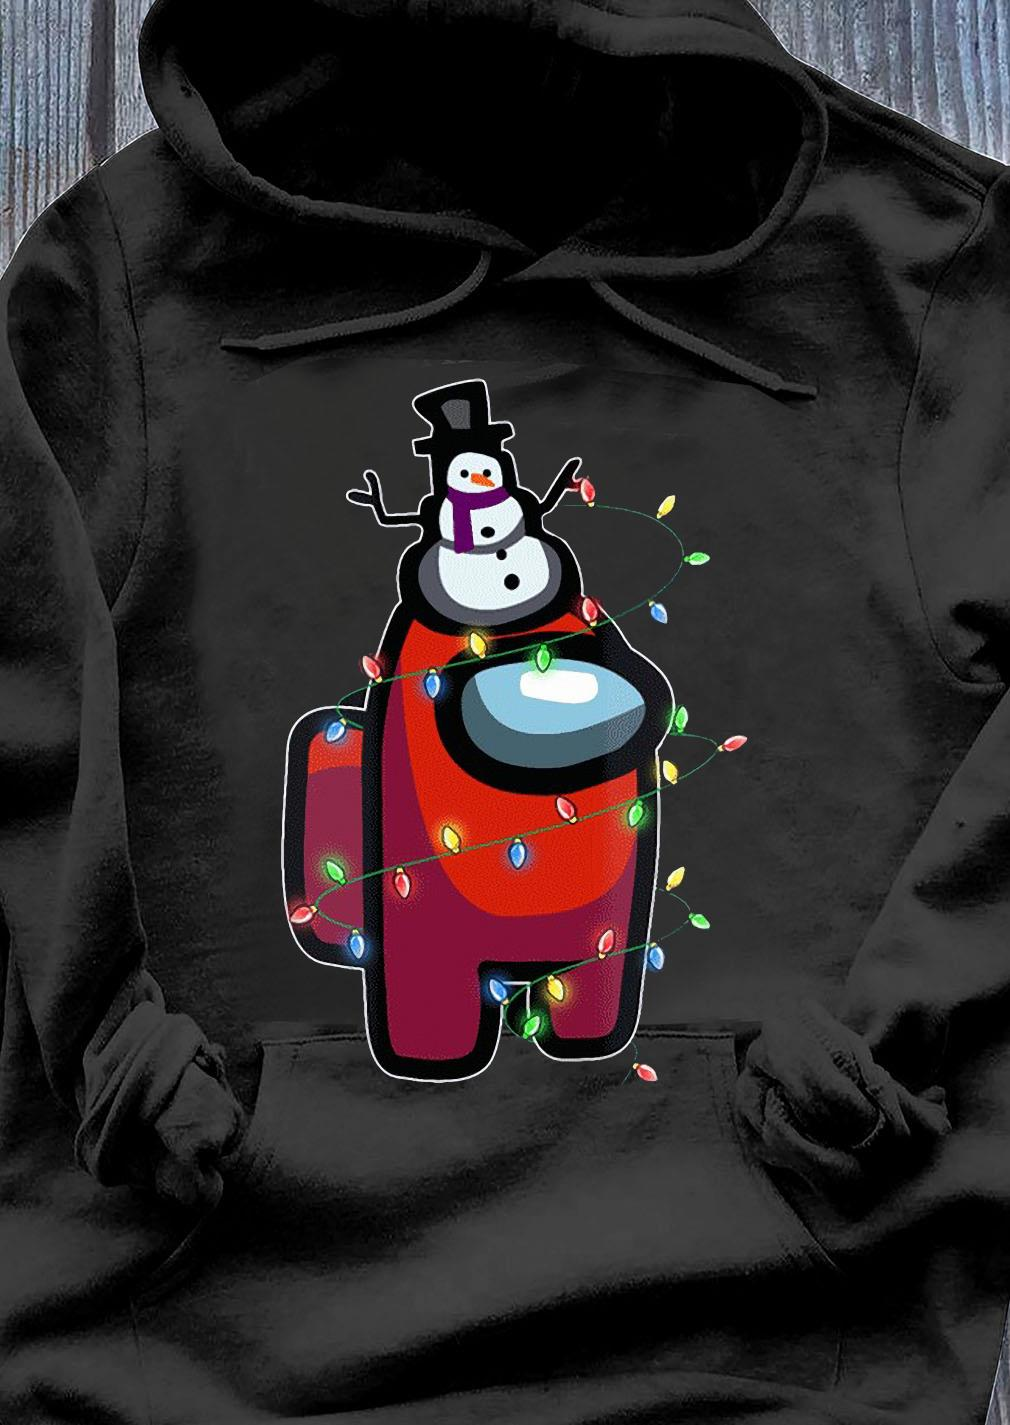 Christmas Santa Among Us Character Shirt Hoodie